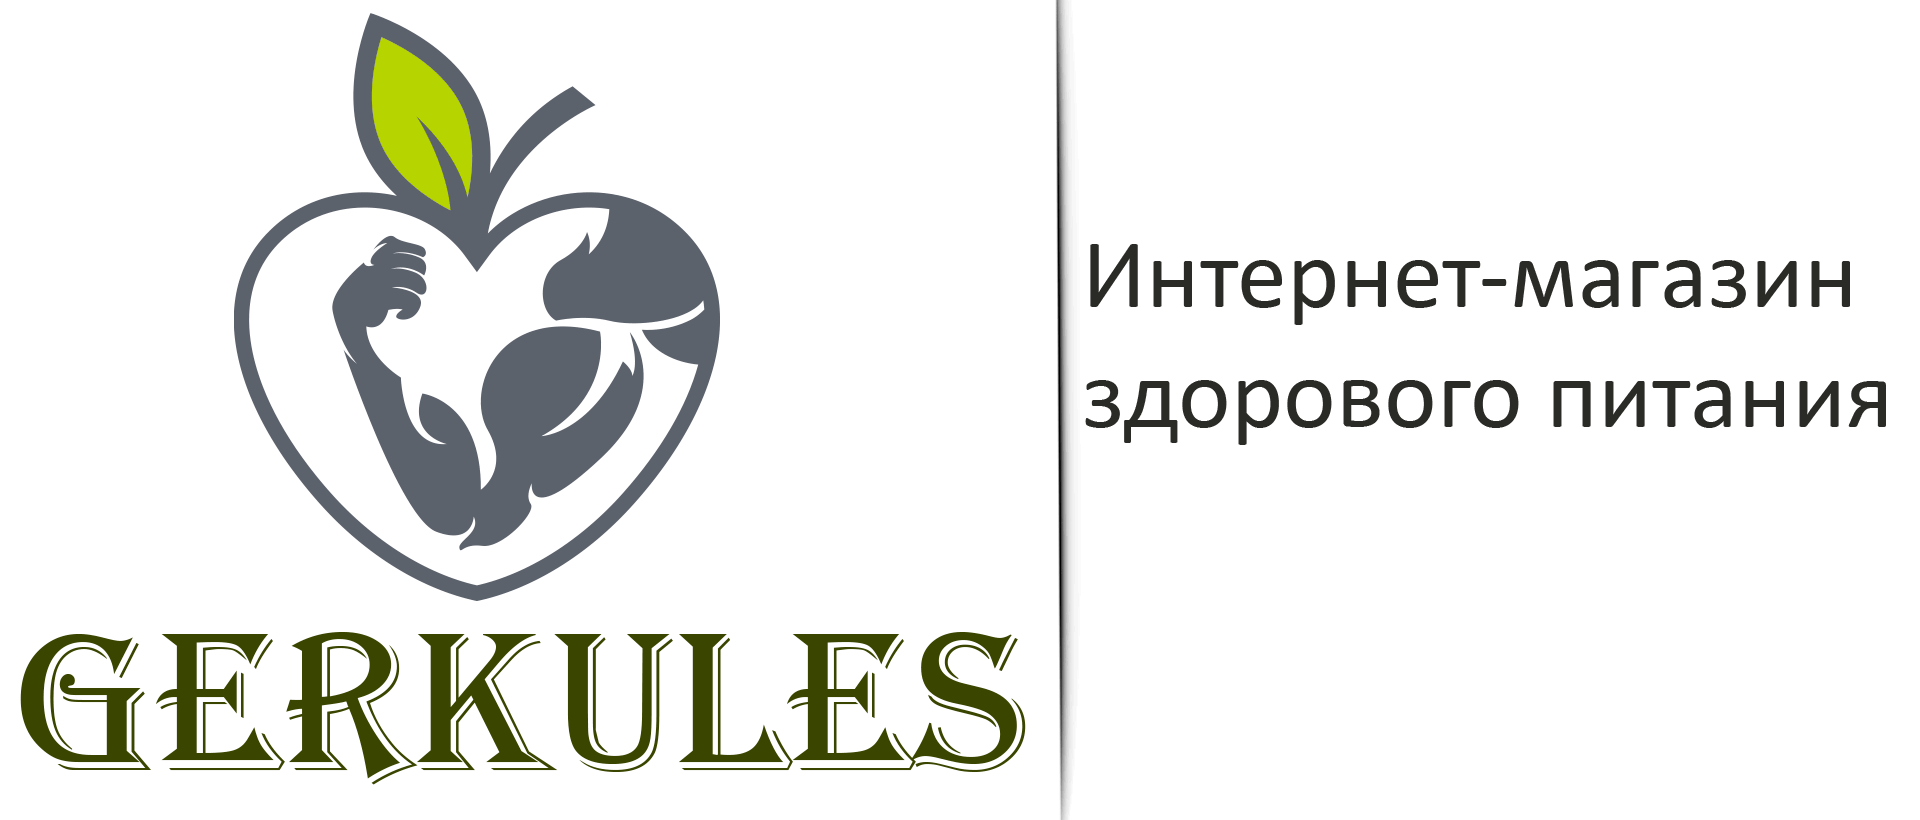 Интернет-магазин здорового питания Gerkules.by